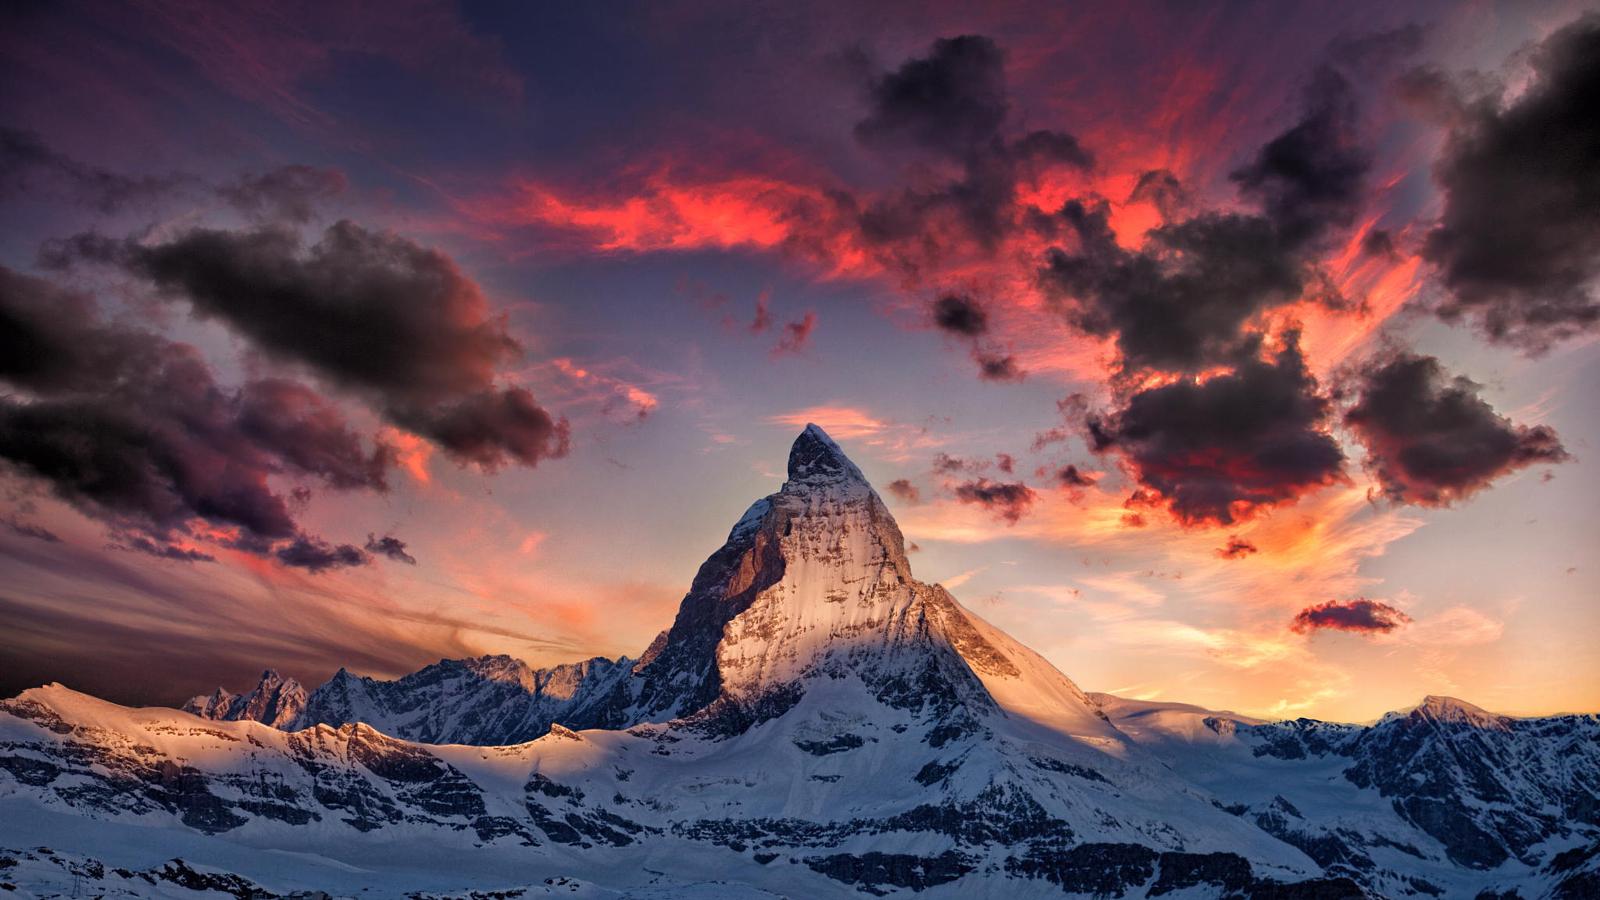 Мир казино и азартных игр : Легализация казино в Украине